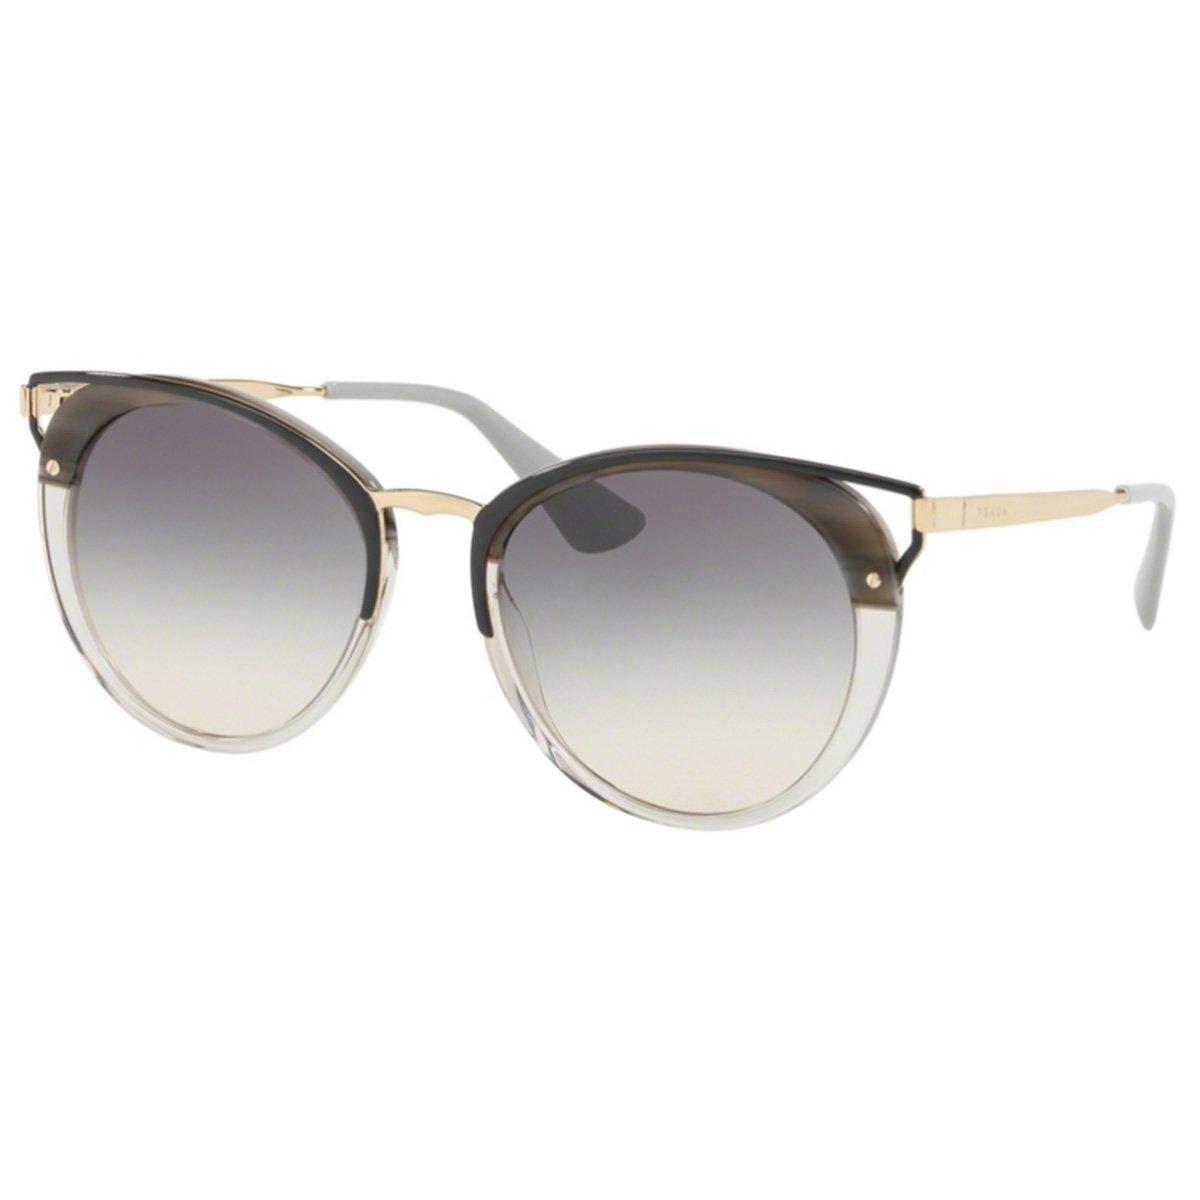 e7bc834319d38 Compre Óculos de Sol Prada em 10X   Tri-Jóia Shop